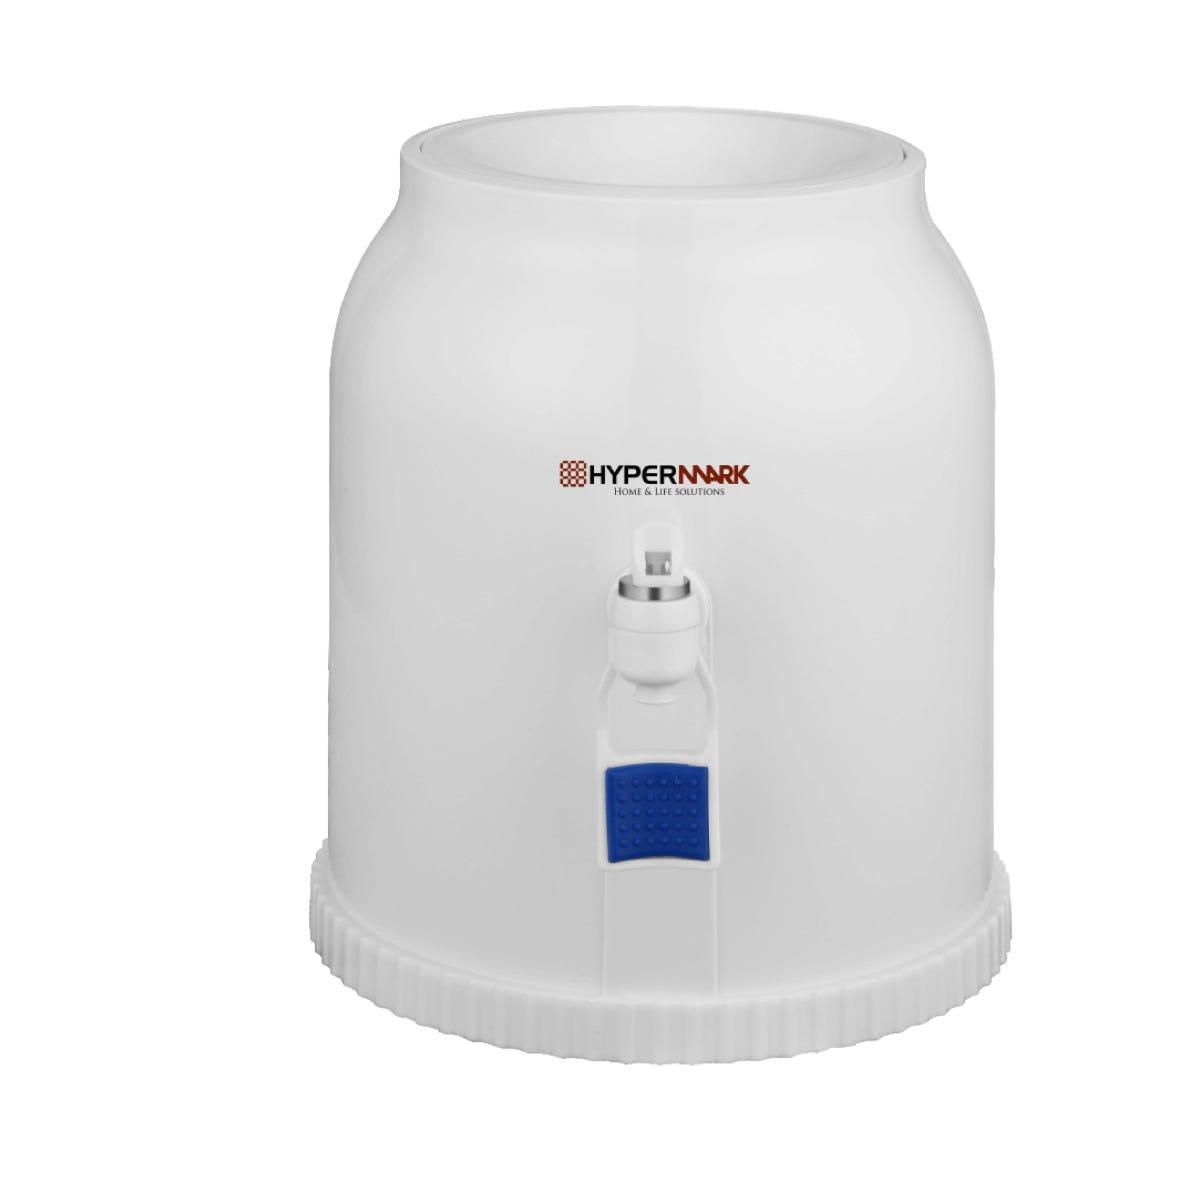 Dispensador de agua Hypermark® de plástico en blanco